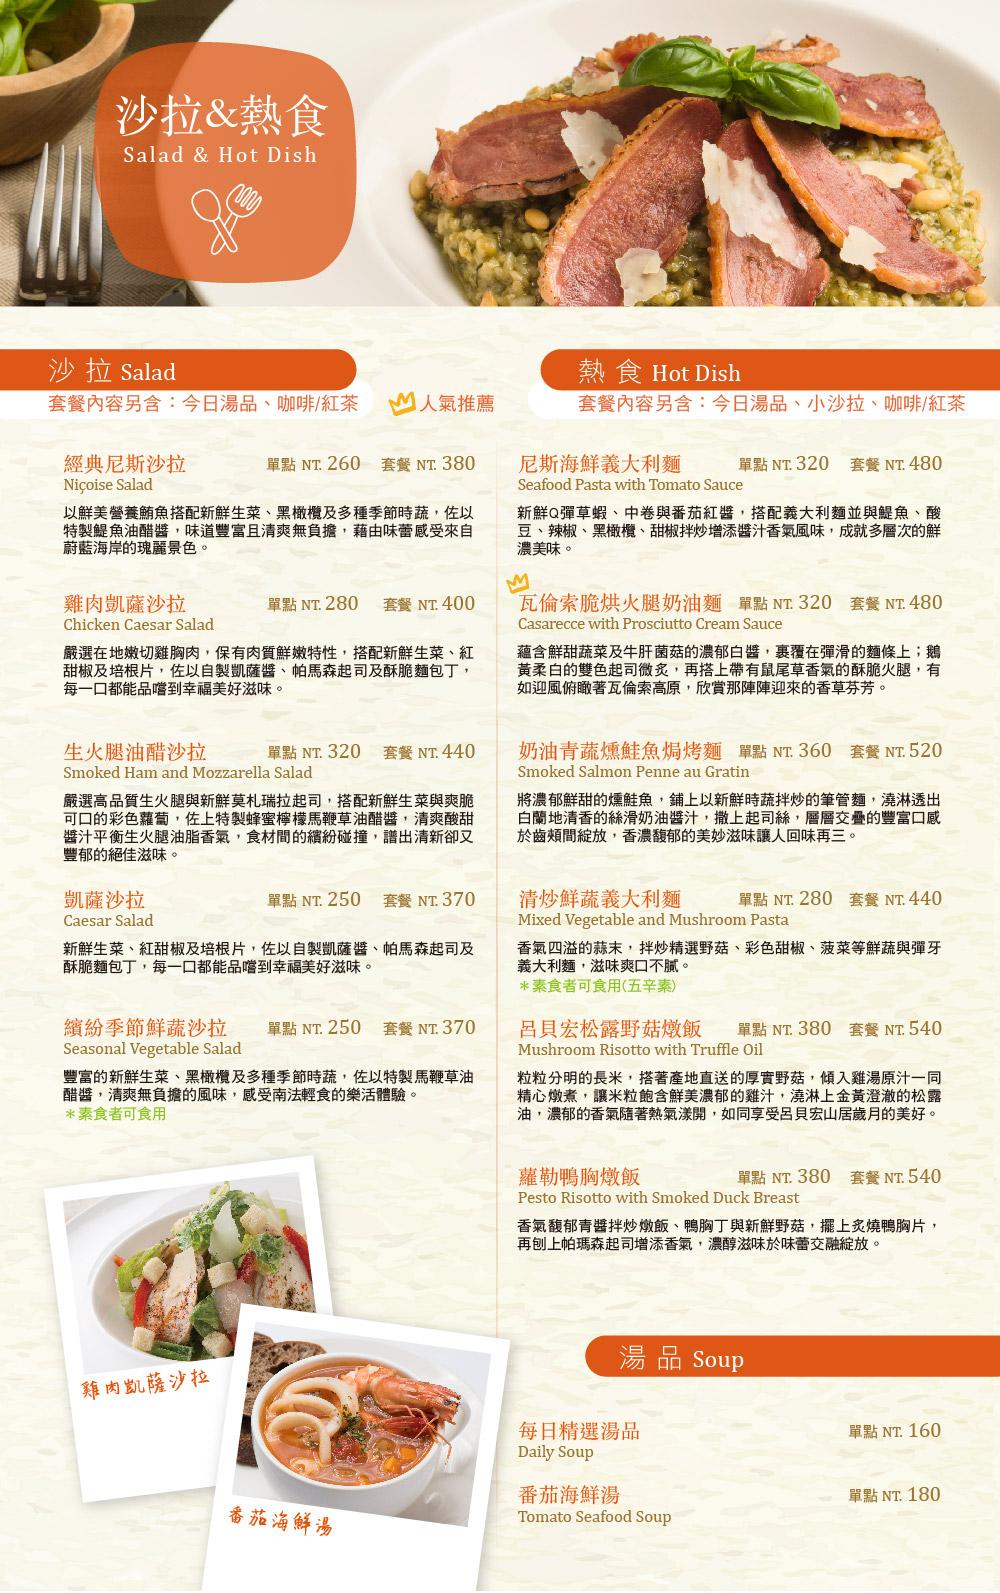 L'OCCITANE Café 餐點介紹-熱食&沙拉